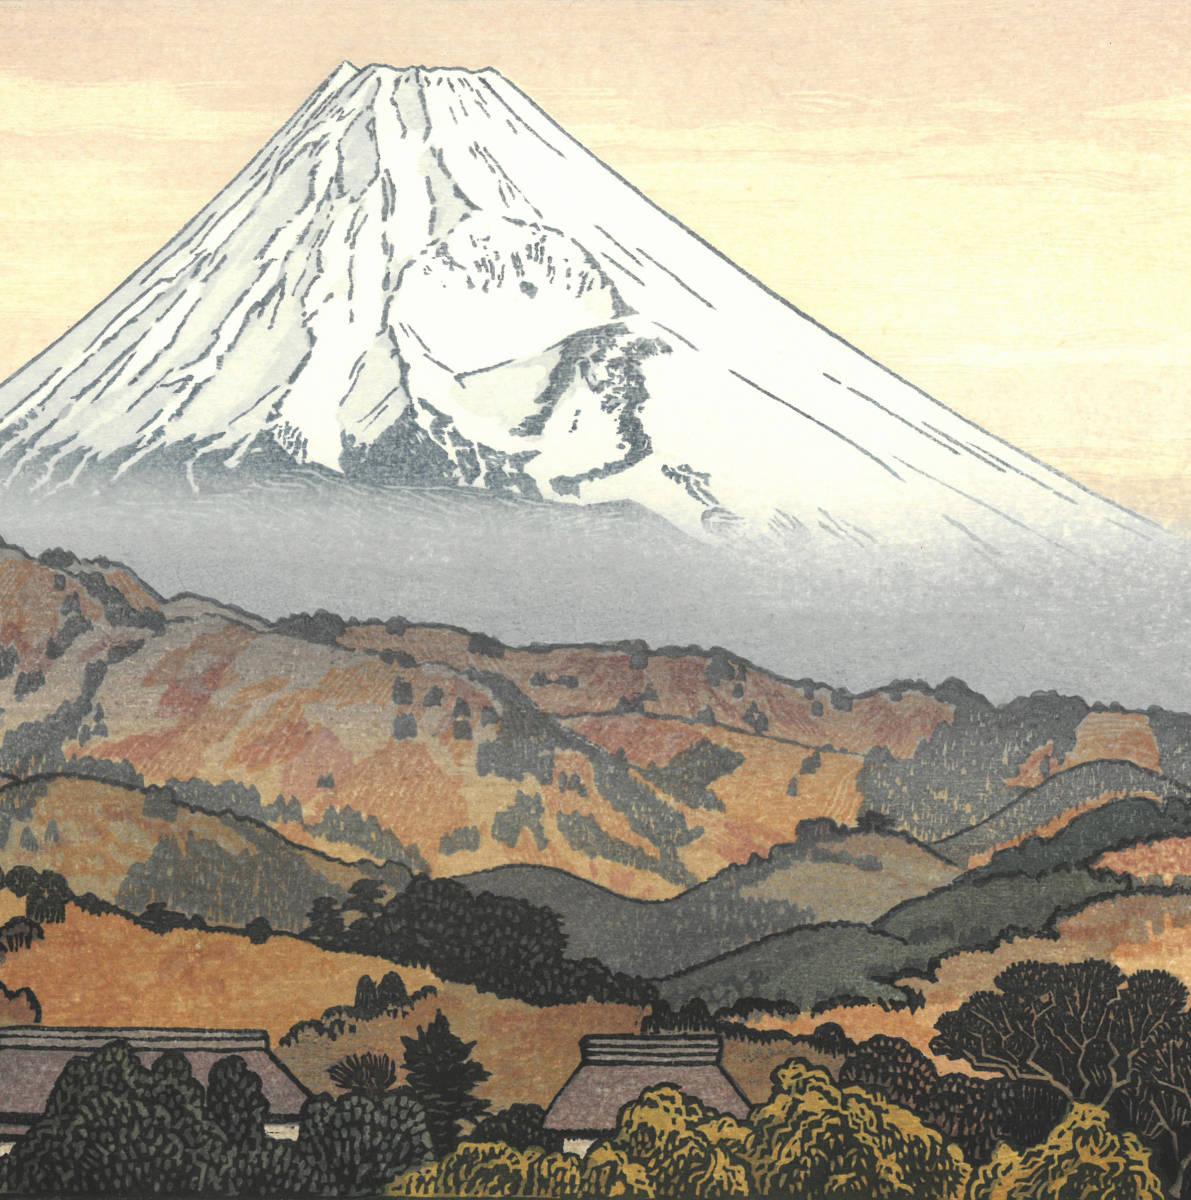 吉田遠志 木版画  016204 伊豆長岡の富士 冬 (Mt.Fuji from Nagaoka winter)  初摺1962年    最高峰の摺師の技をご堪能下さい!!_画像7